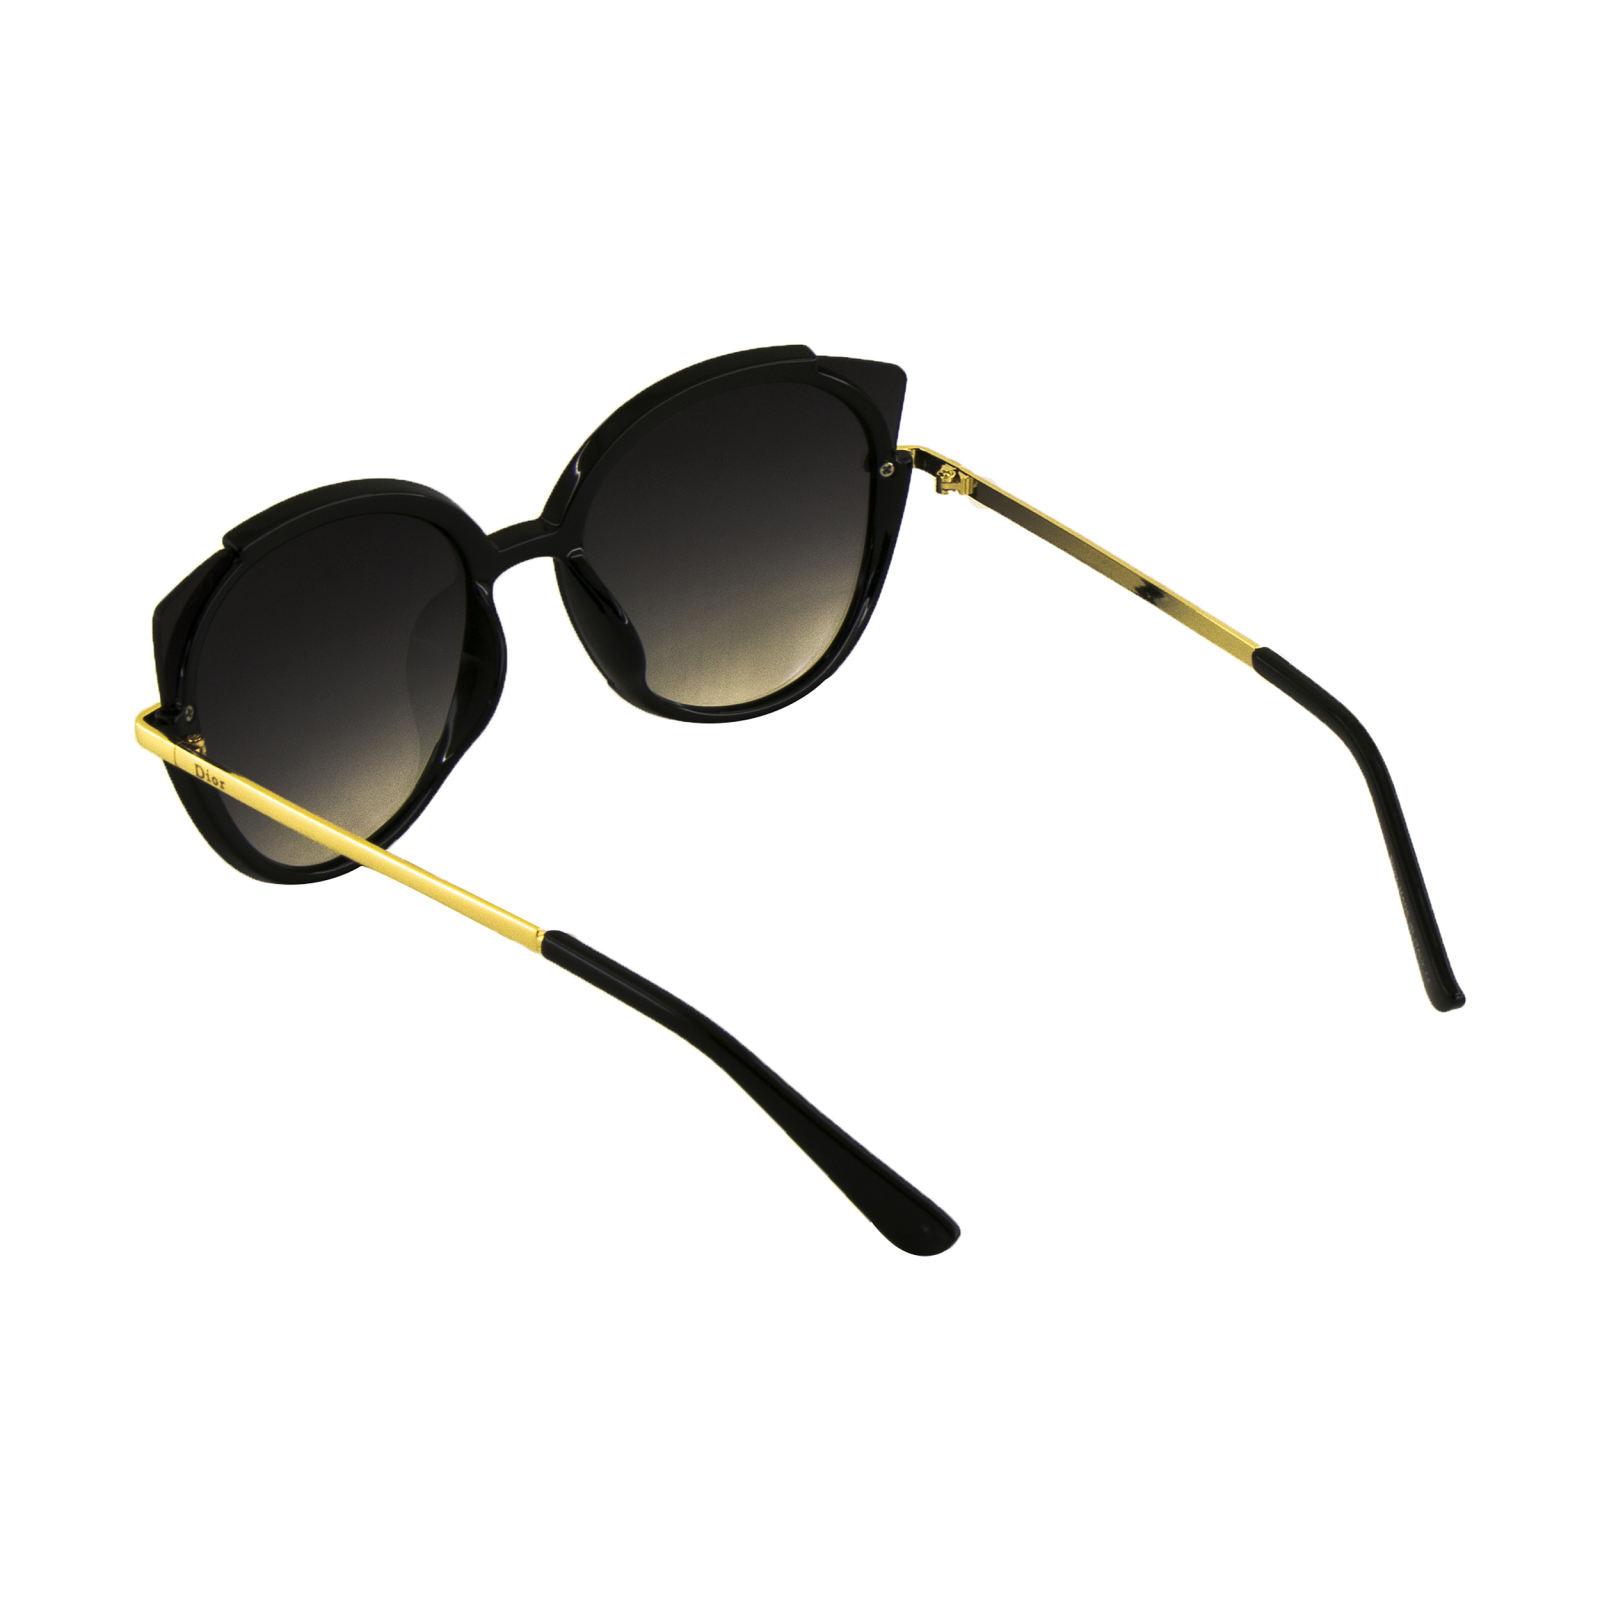 عینک آفتابی زنانه فرم گربهای به رنگ طلایی